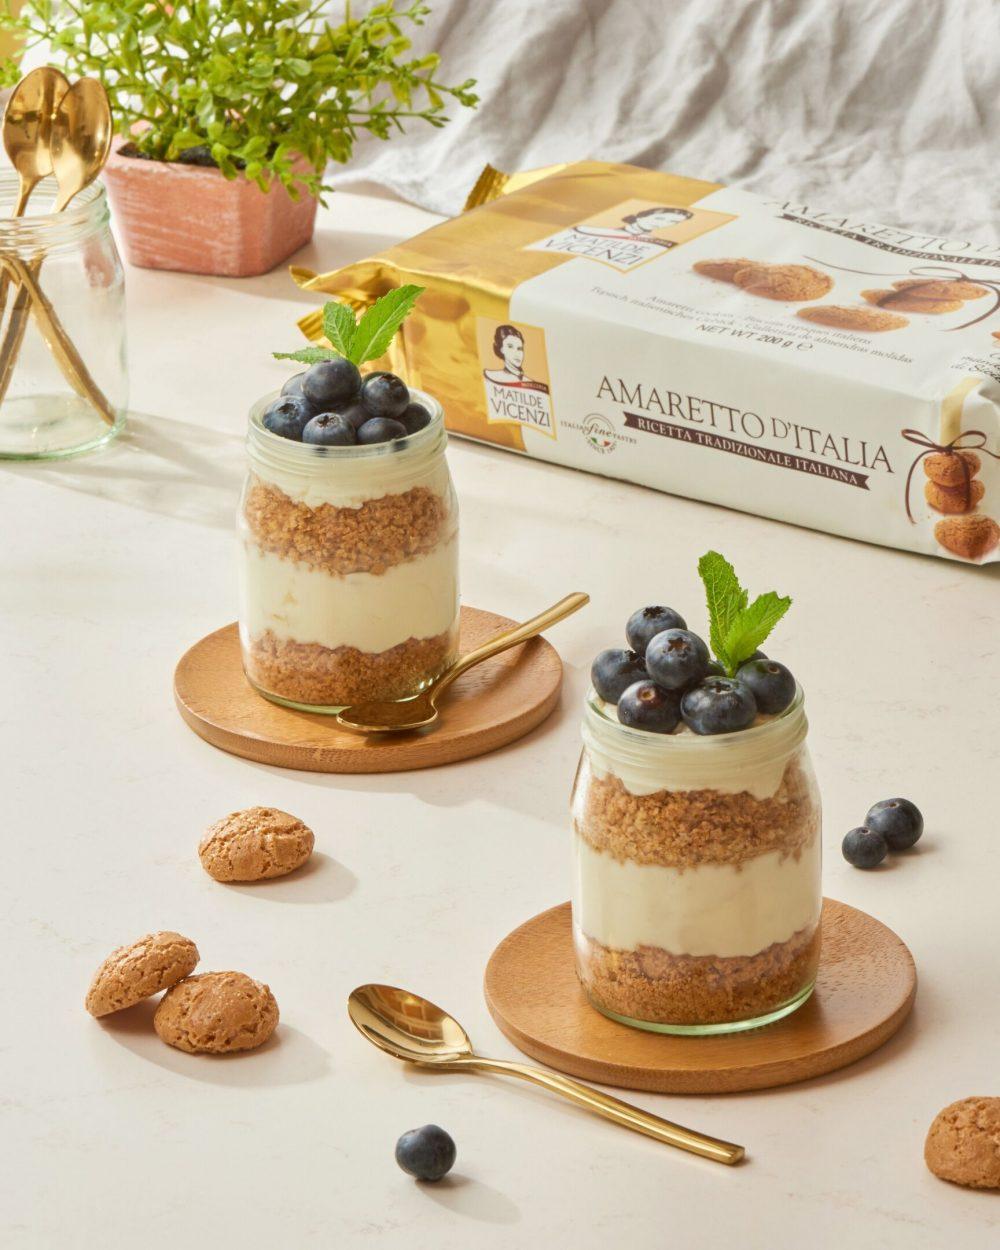 Cheesecake Con Mousse Ai Mirtilli E Amaretti Ricetta Fredda In Vasetto